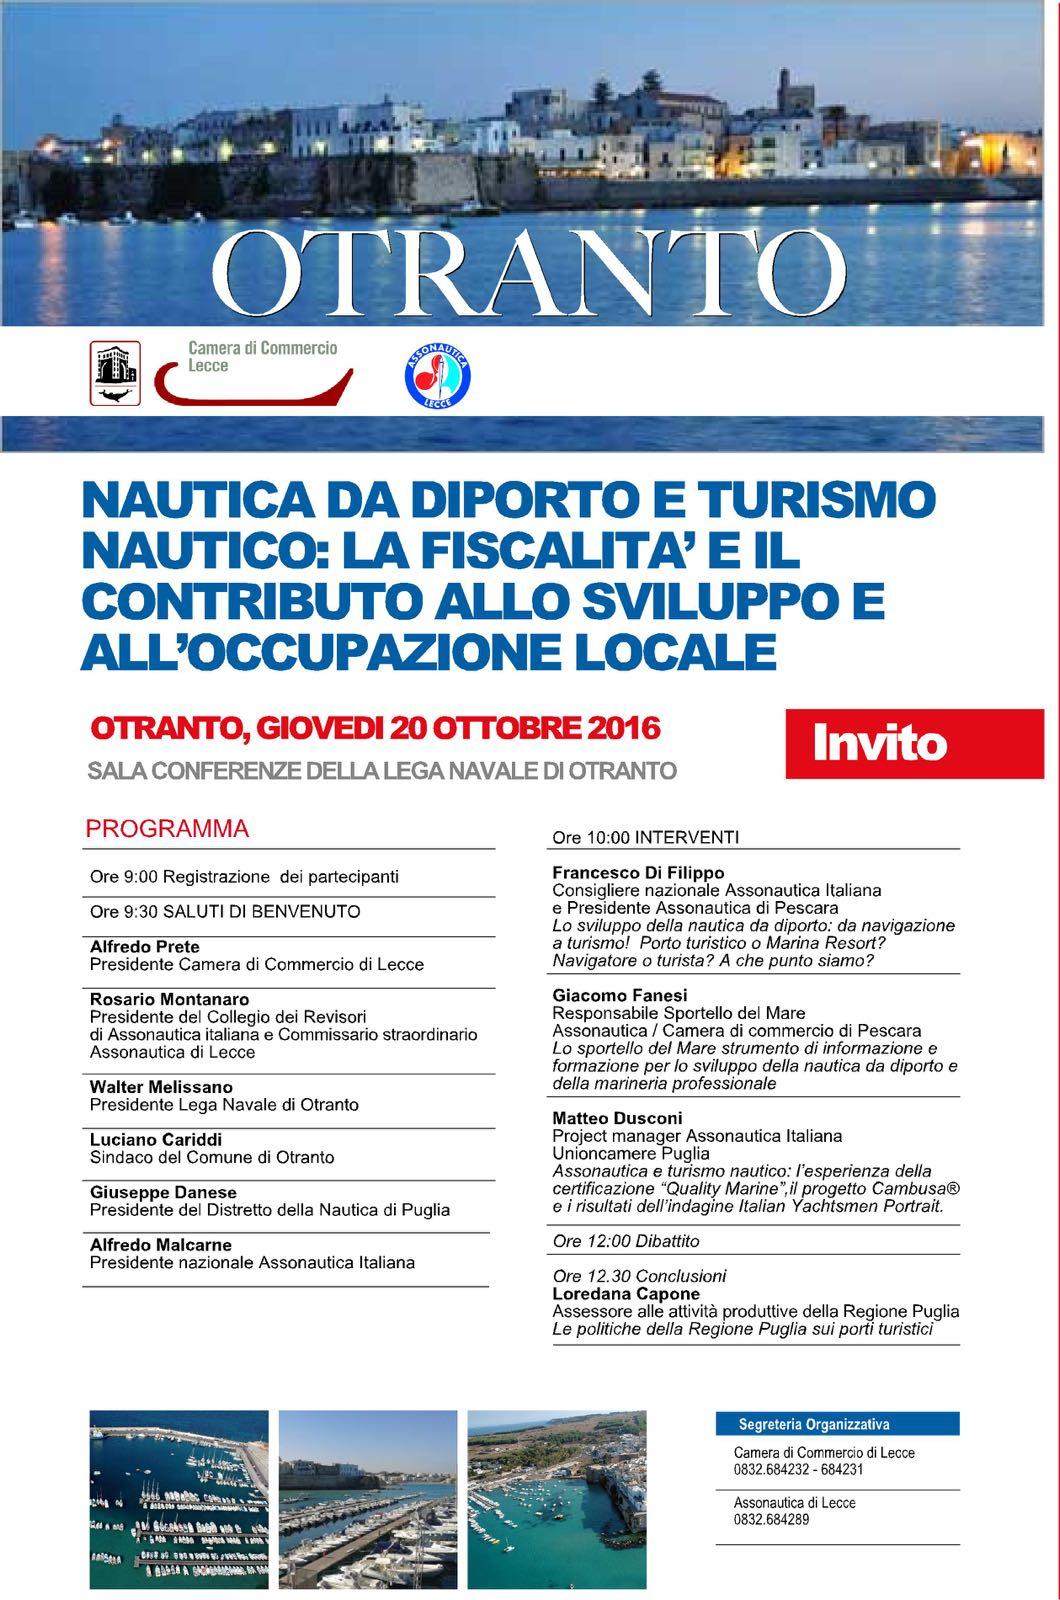 Otranto:Nautica da diporto nautico